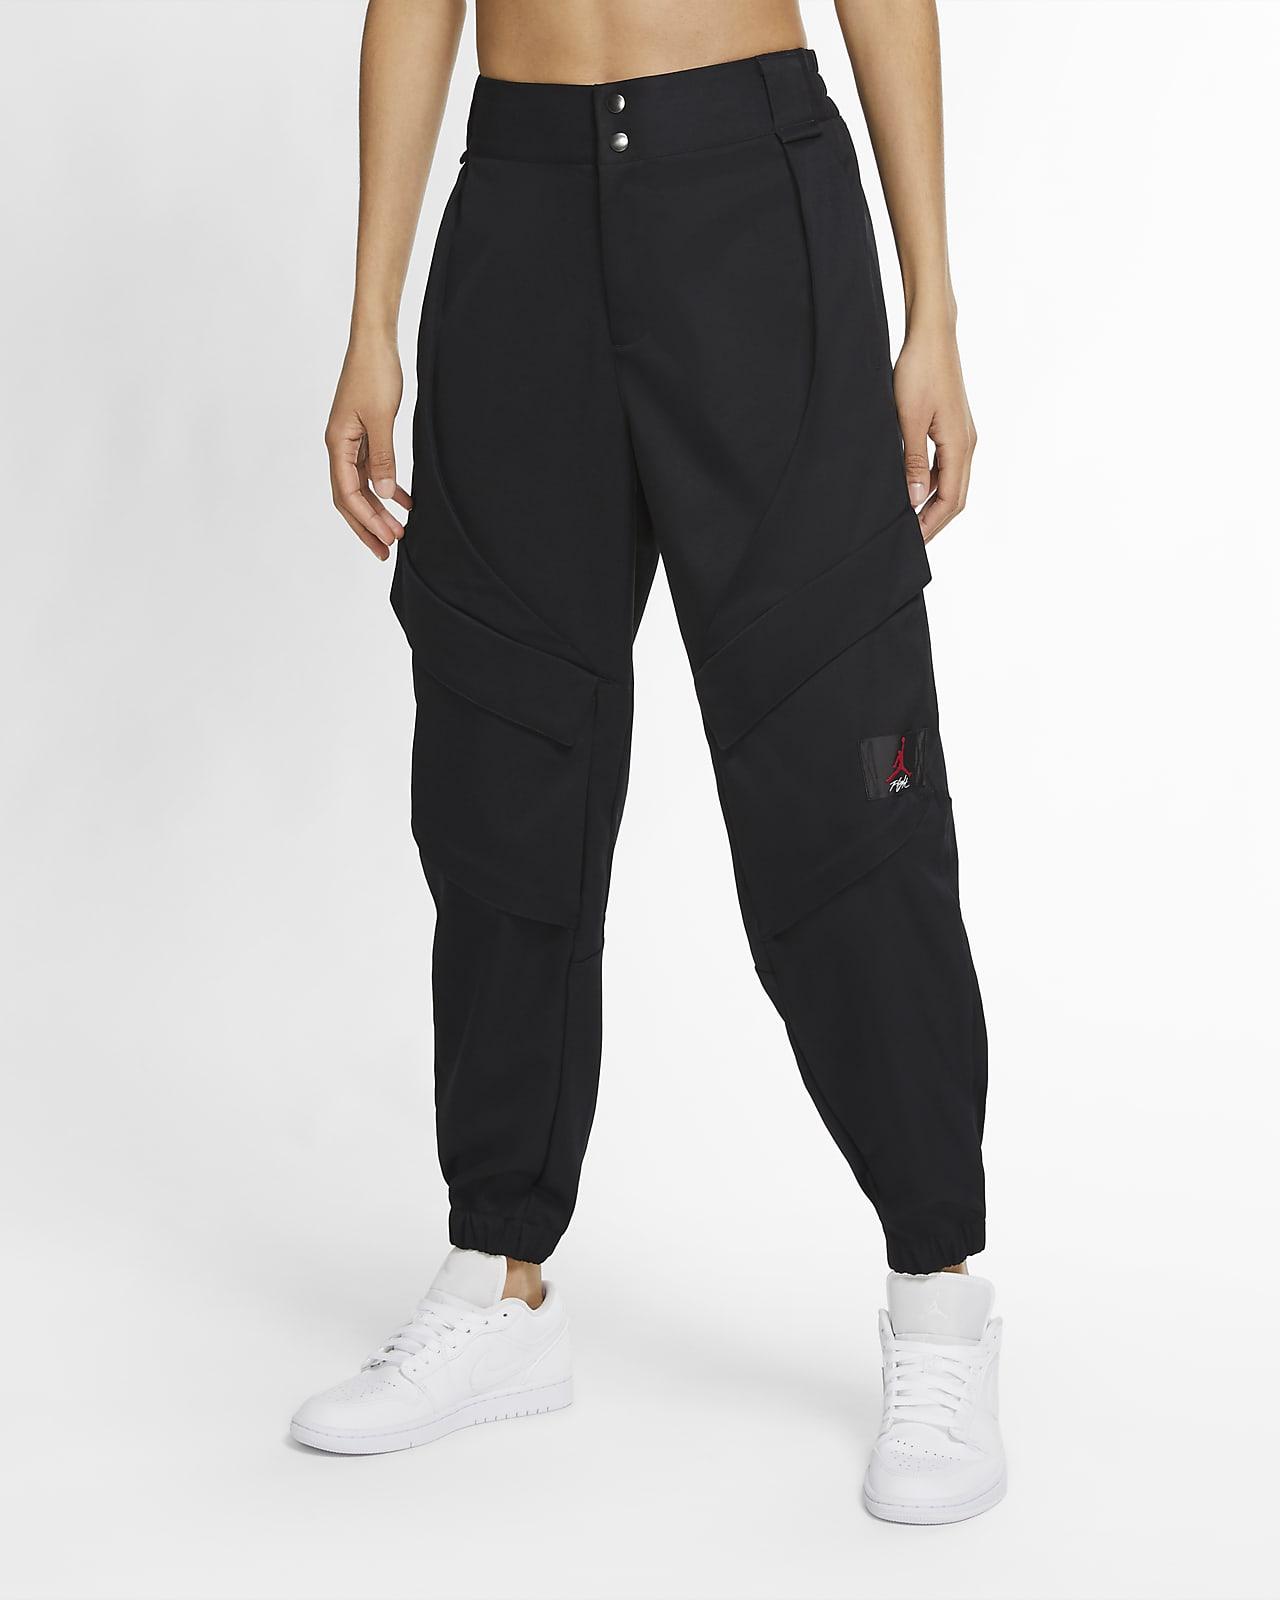 Pantalon fonctionnel Jordan Essential pour Femme